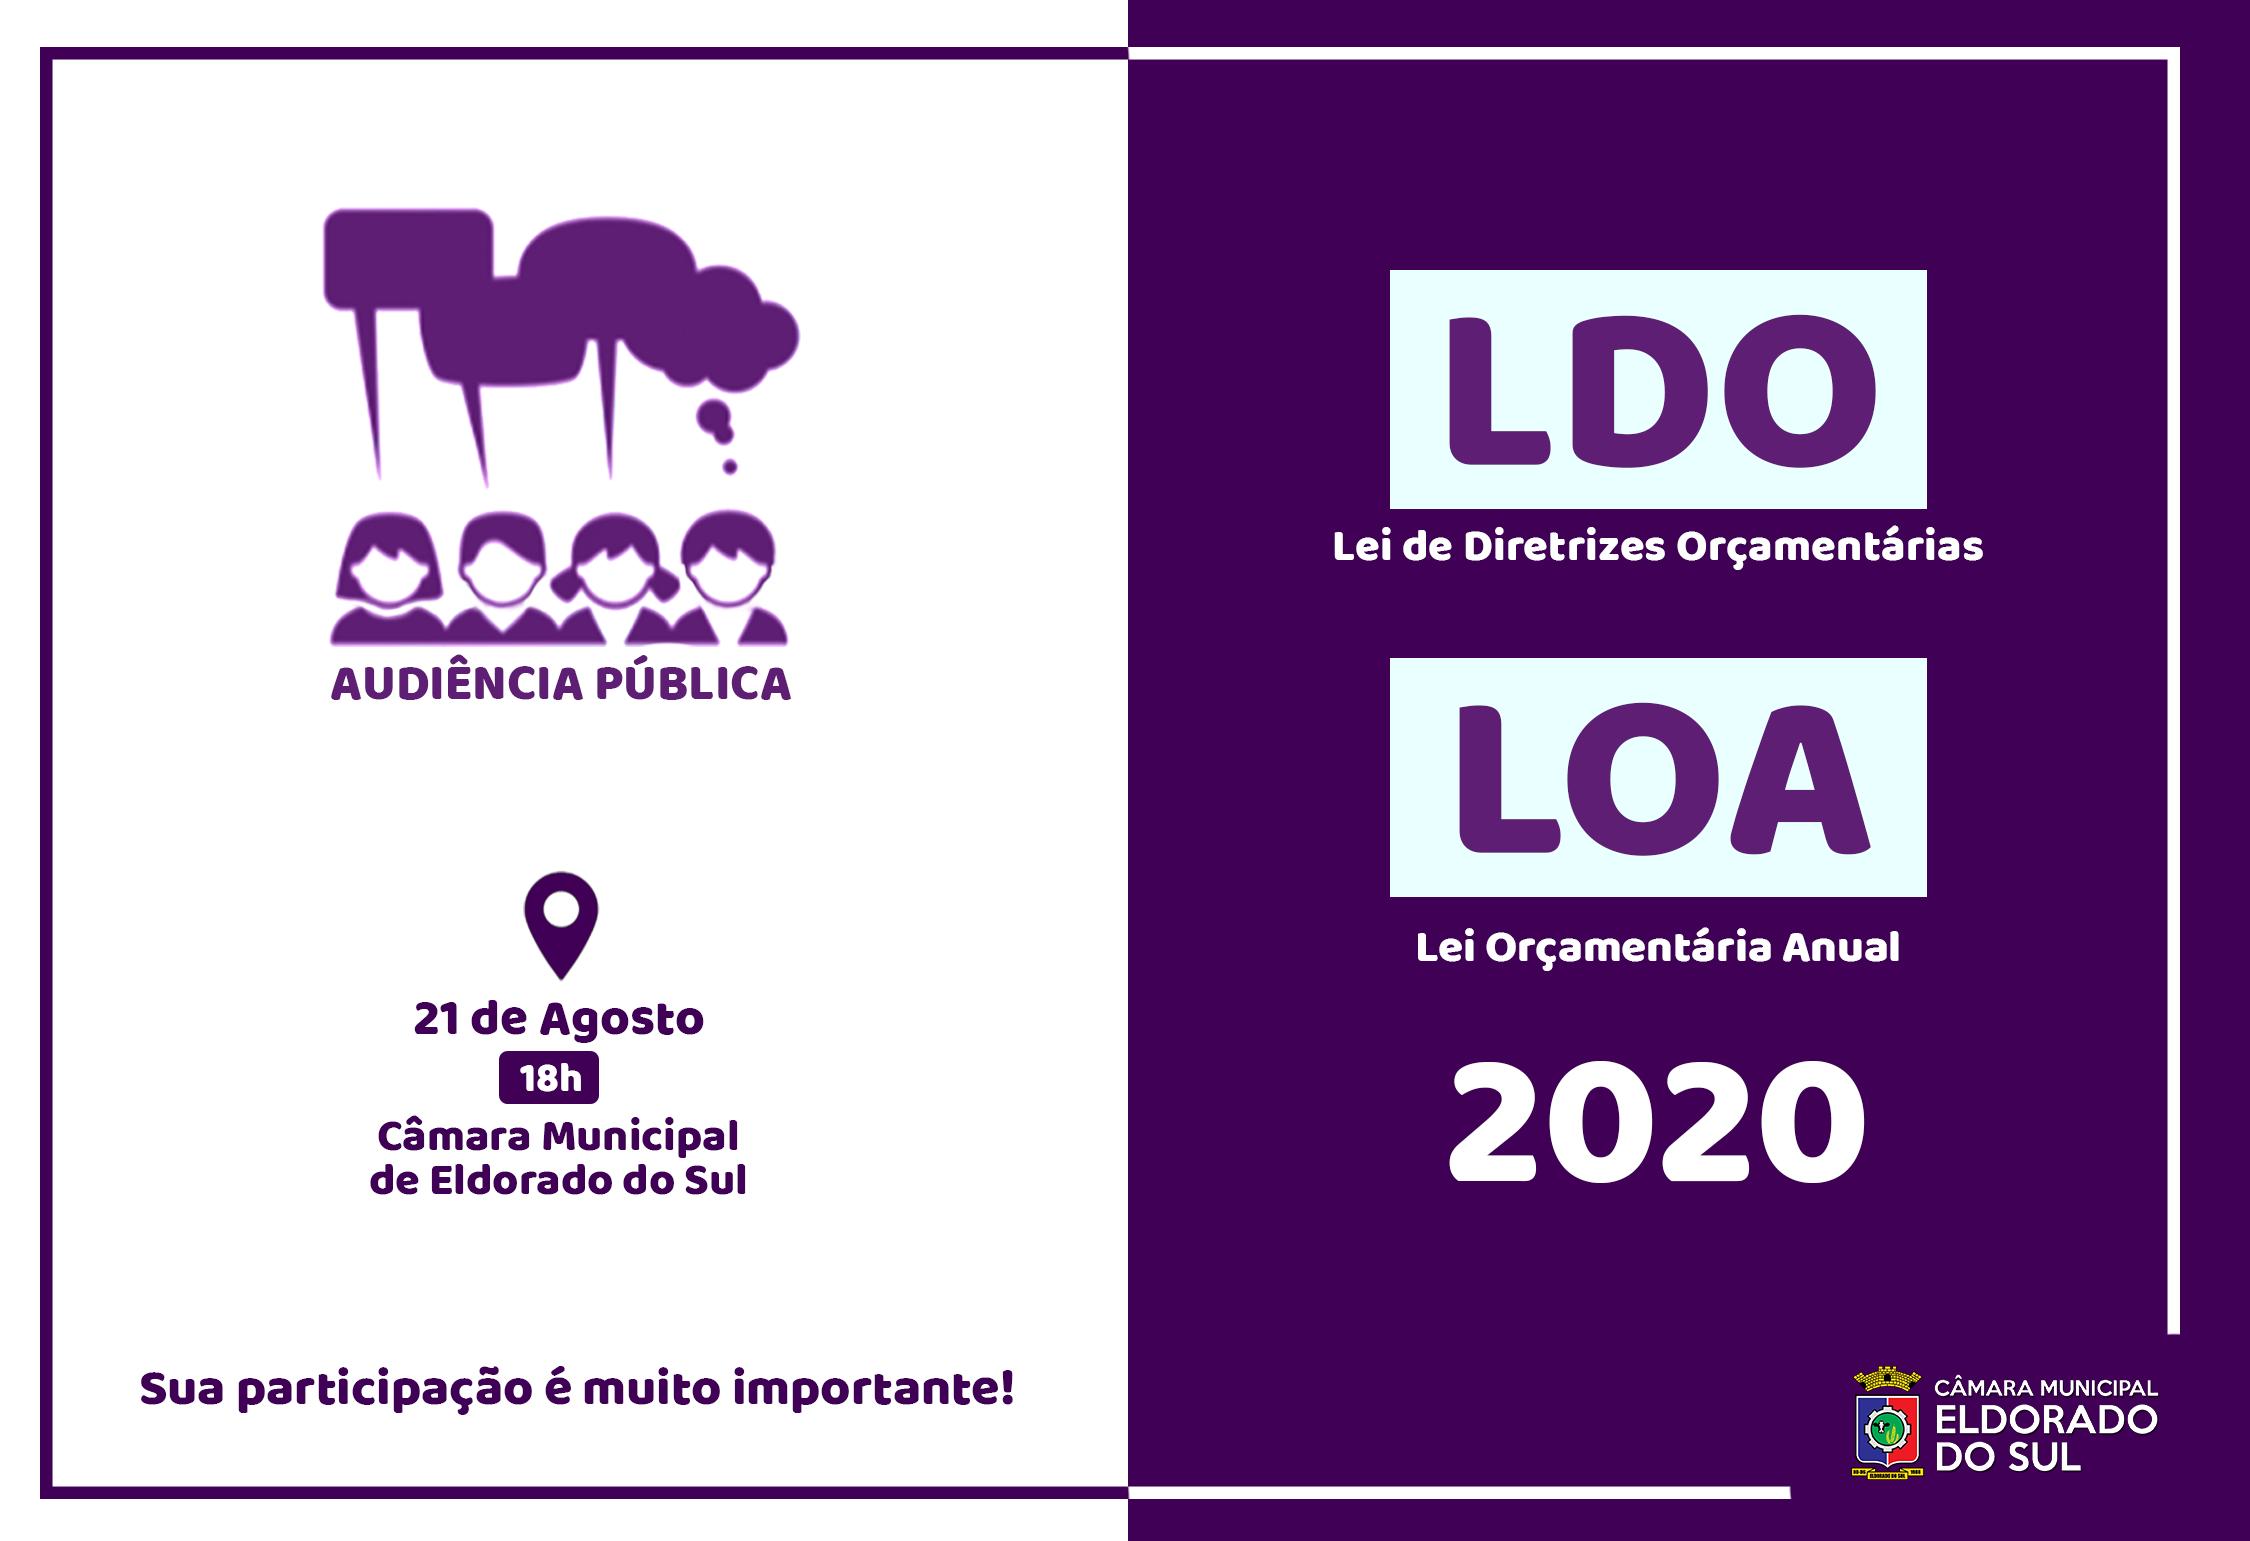 Audiência Pública para a apresentação da LDO e LOA 2020